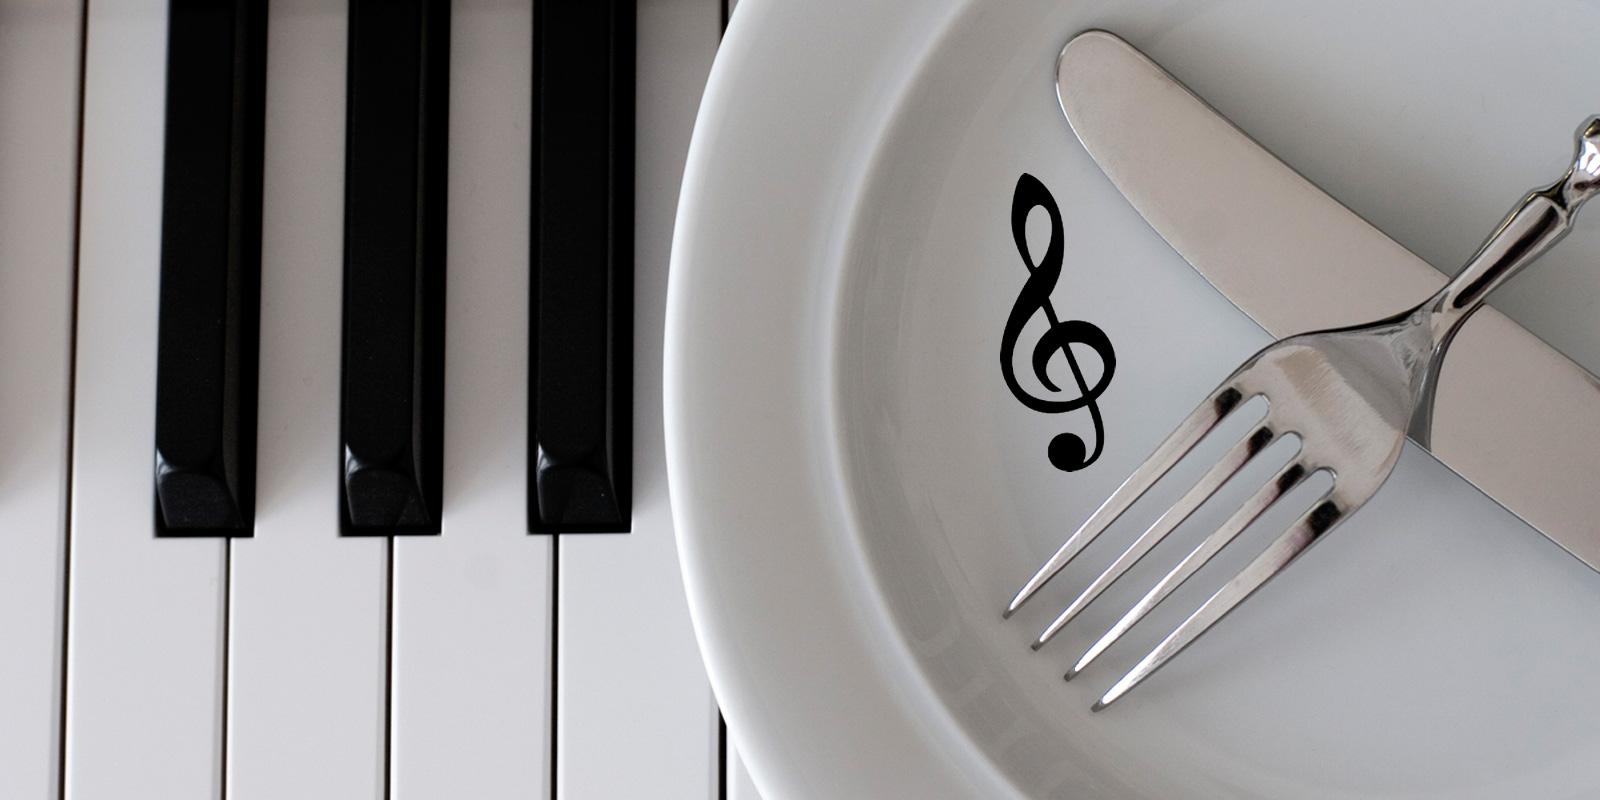 ¡Comprobado, la música realmente cambia tu percepción del gusto! - Radio Cantilo